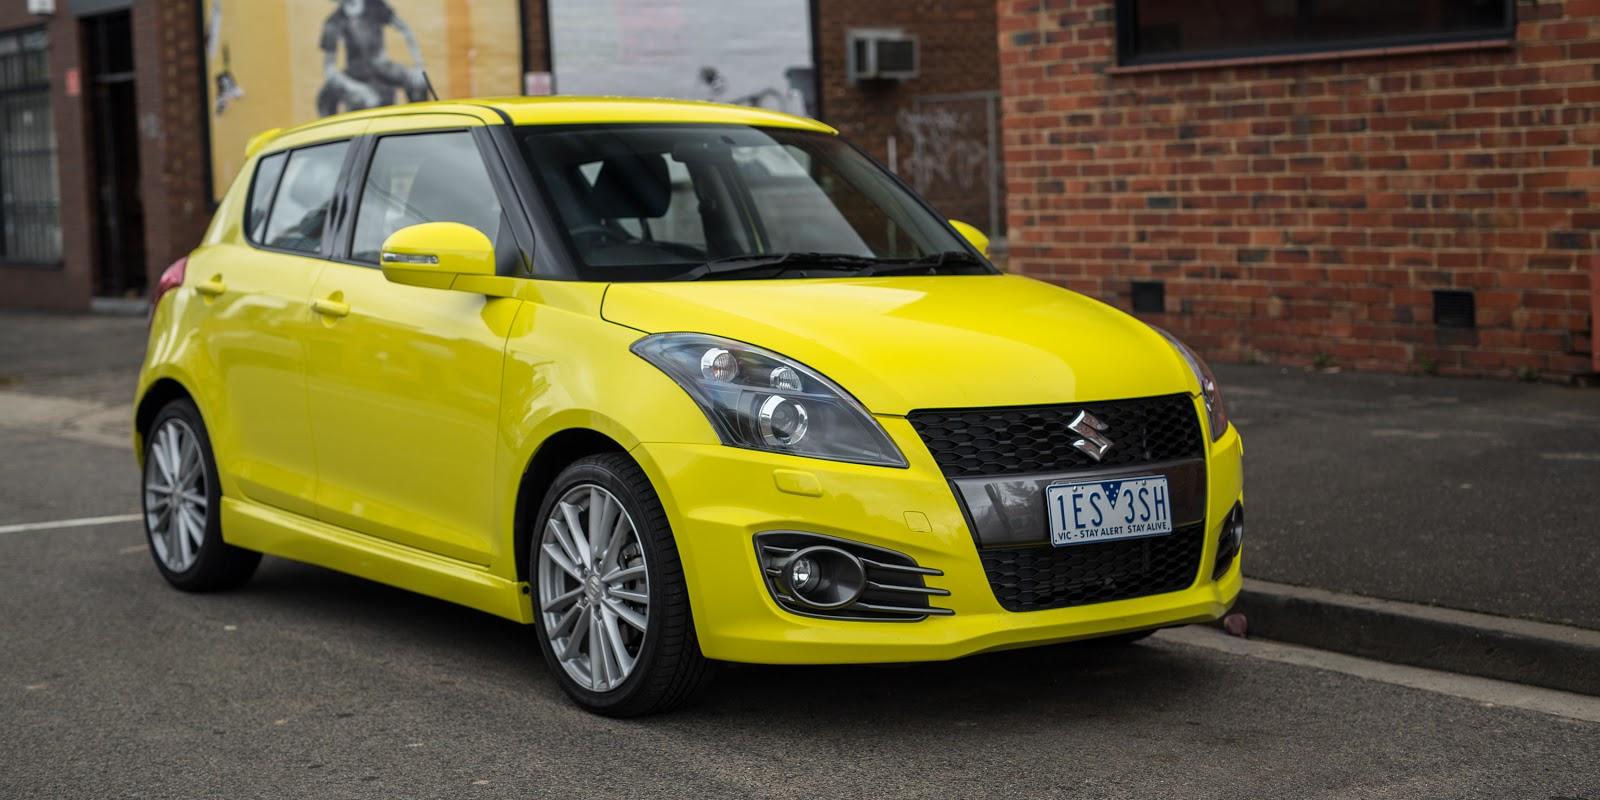 Suzuki Swift là dòng xe tốt nhất và được ưa chuộng nhất của Suzuki